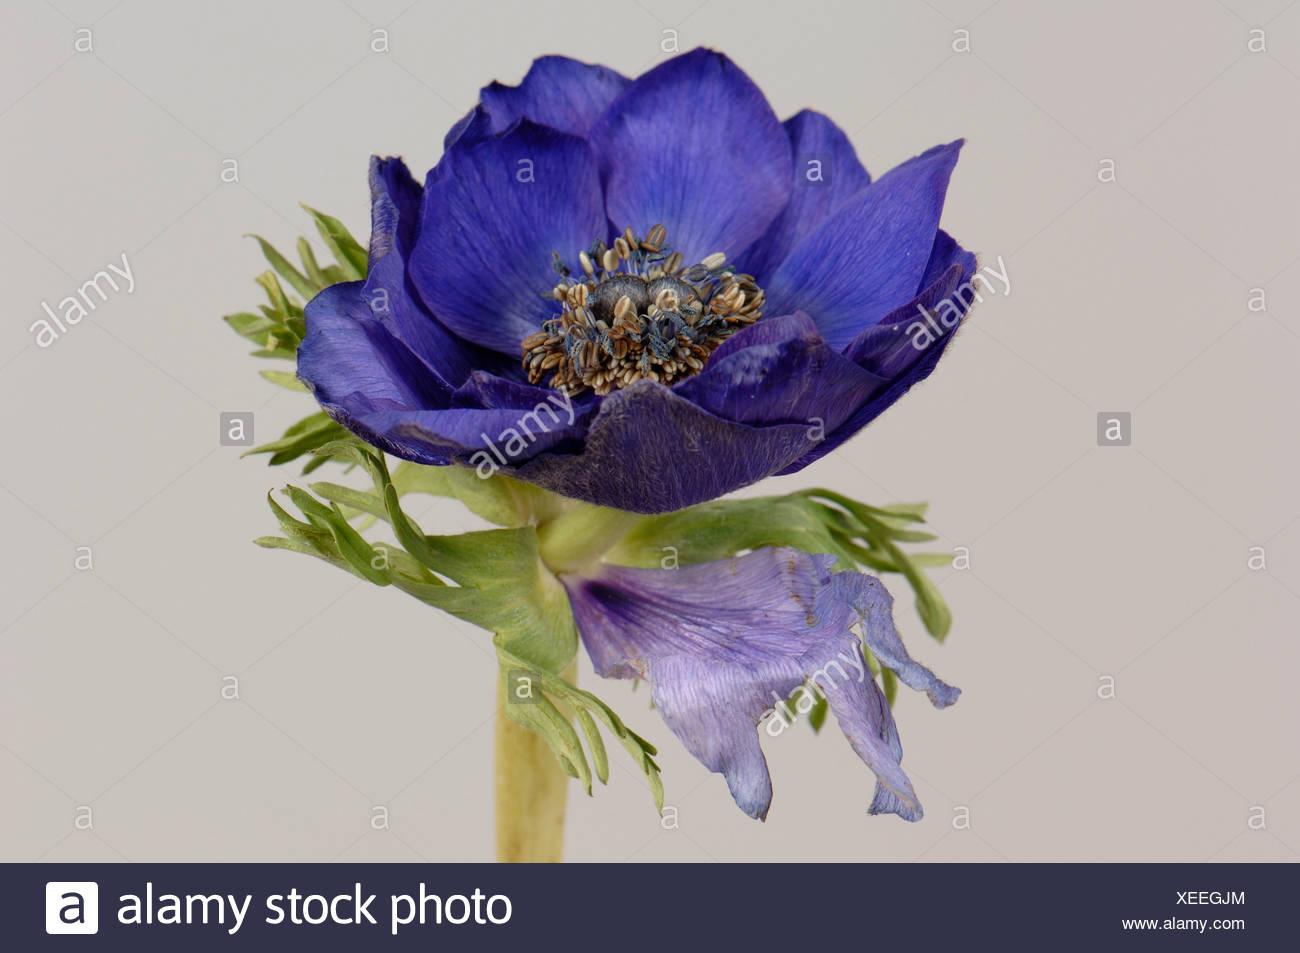 Remplacement de pétale sépale dans le calice d'une anémone coronaria fleur Photo Stock